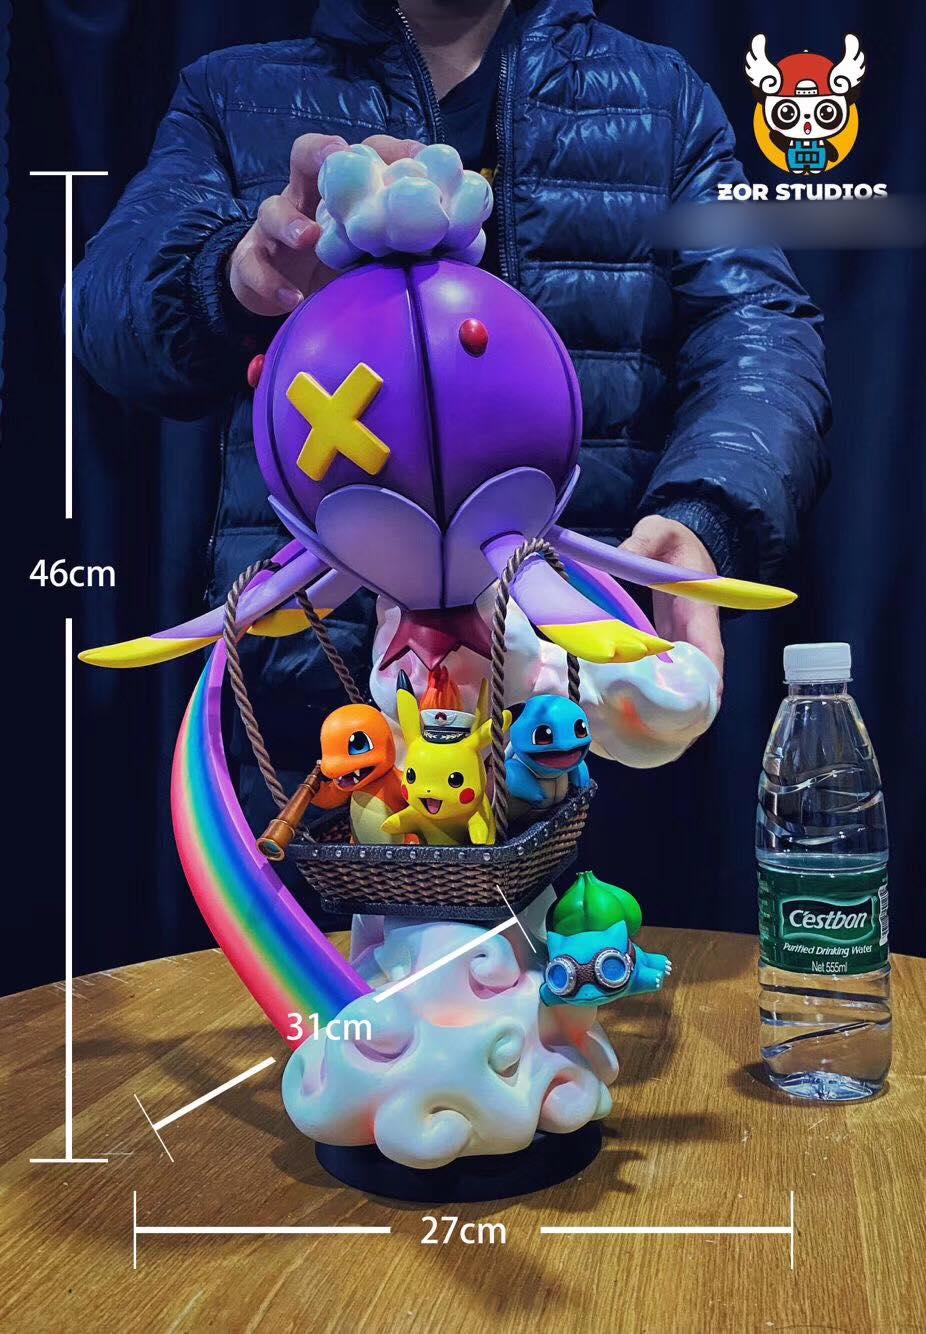 Pikachu Zor Studio